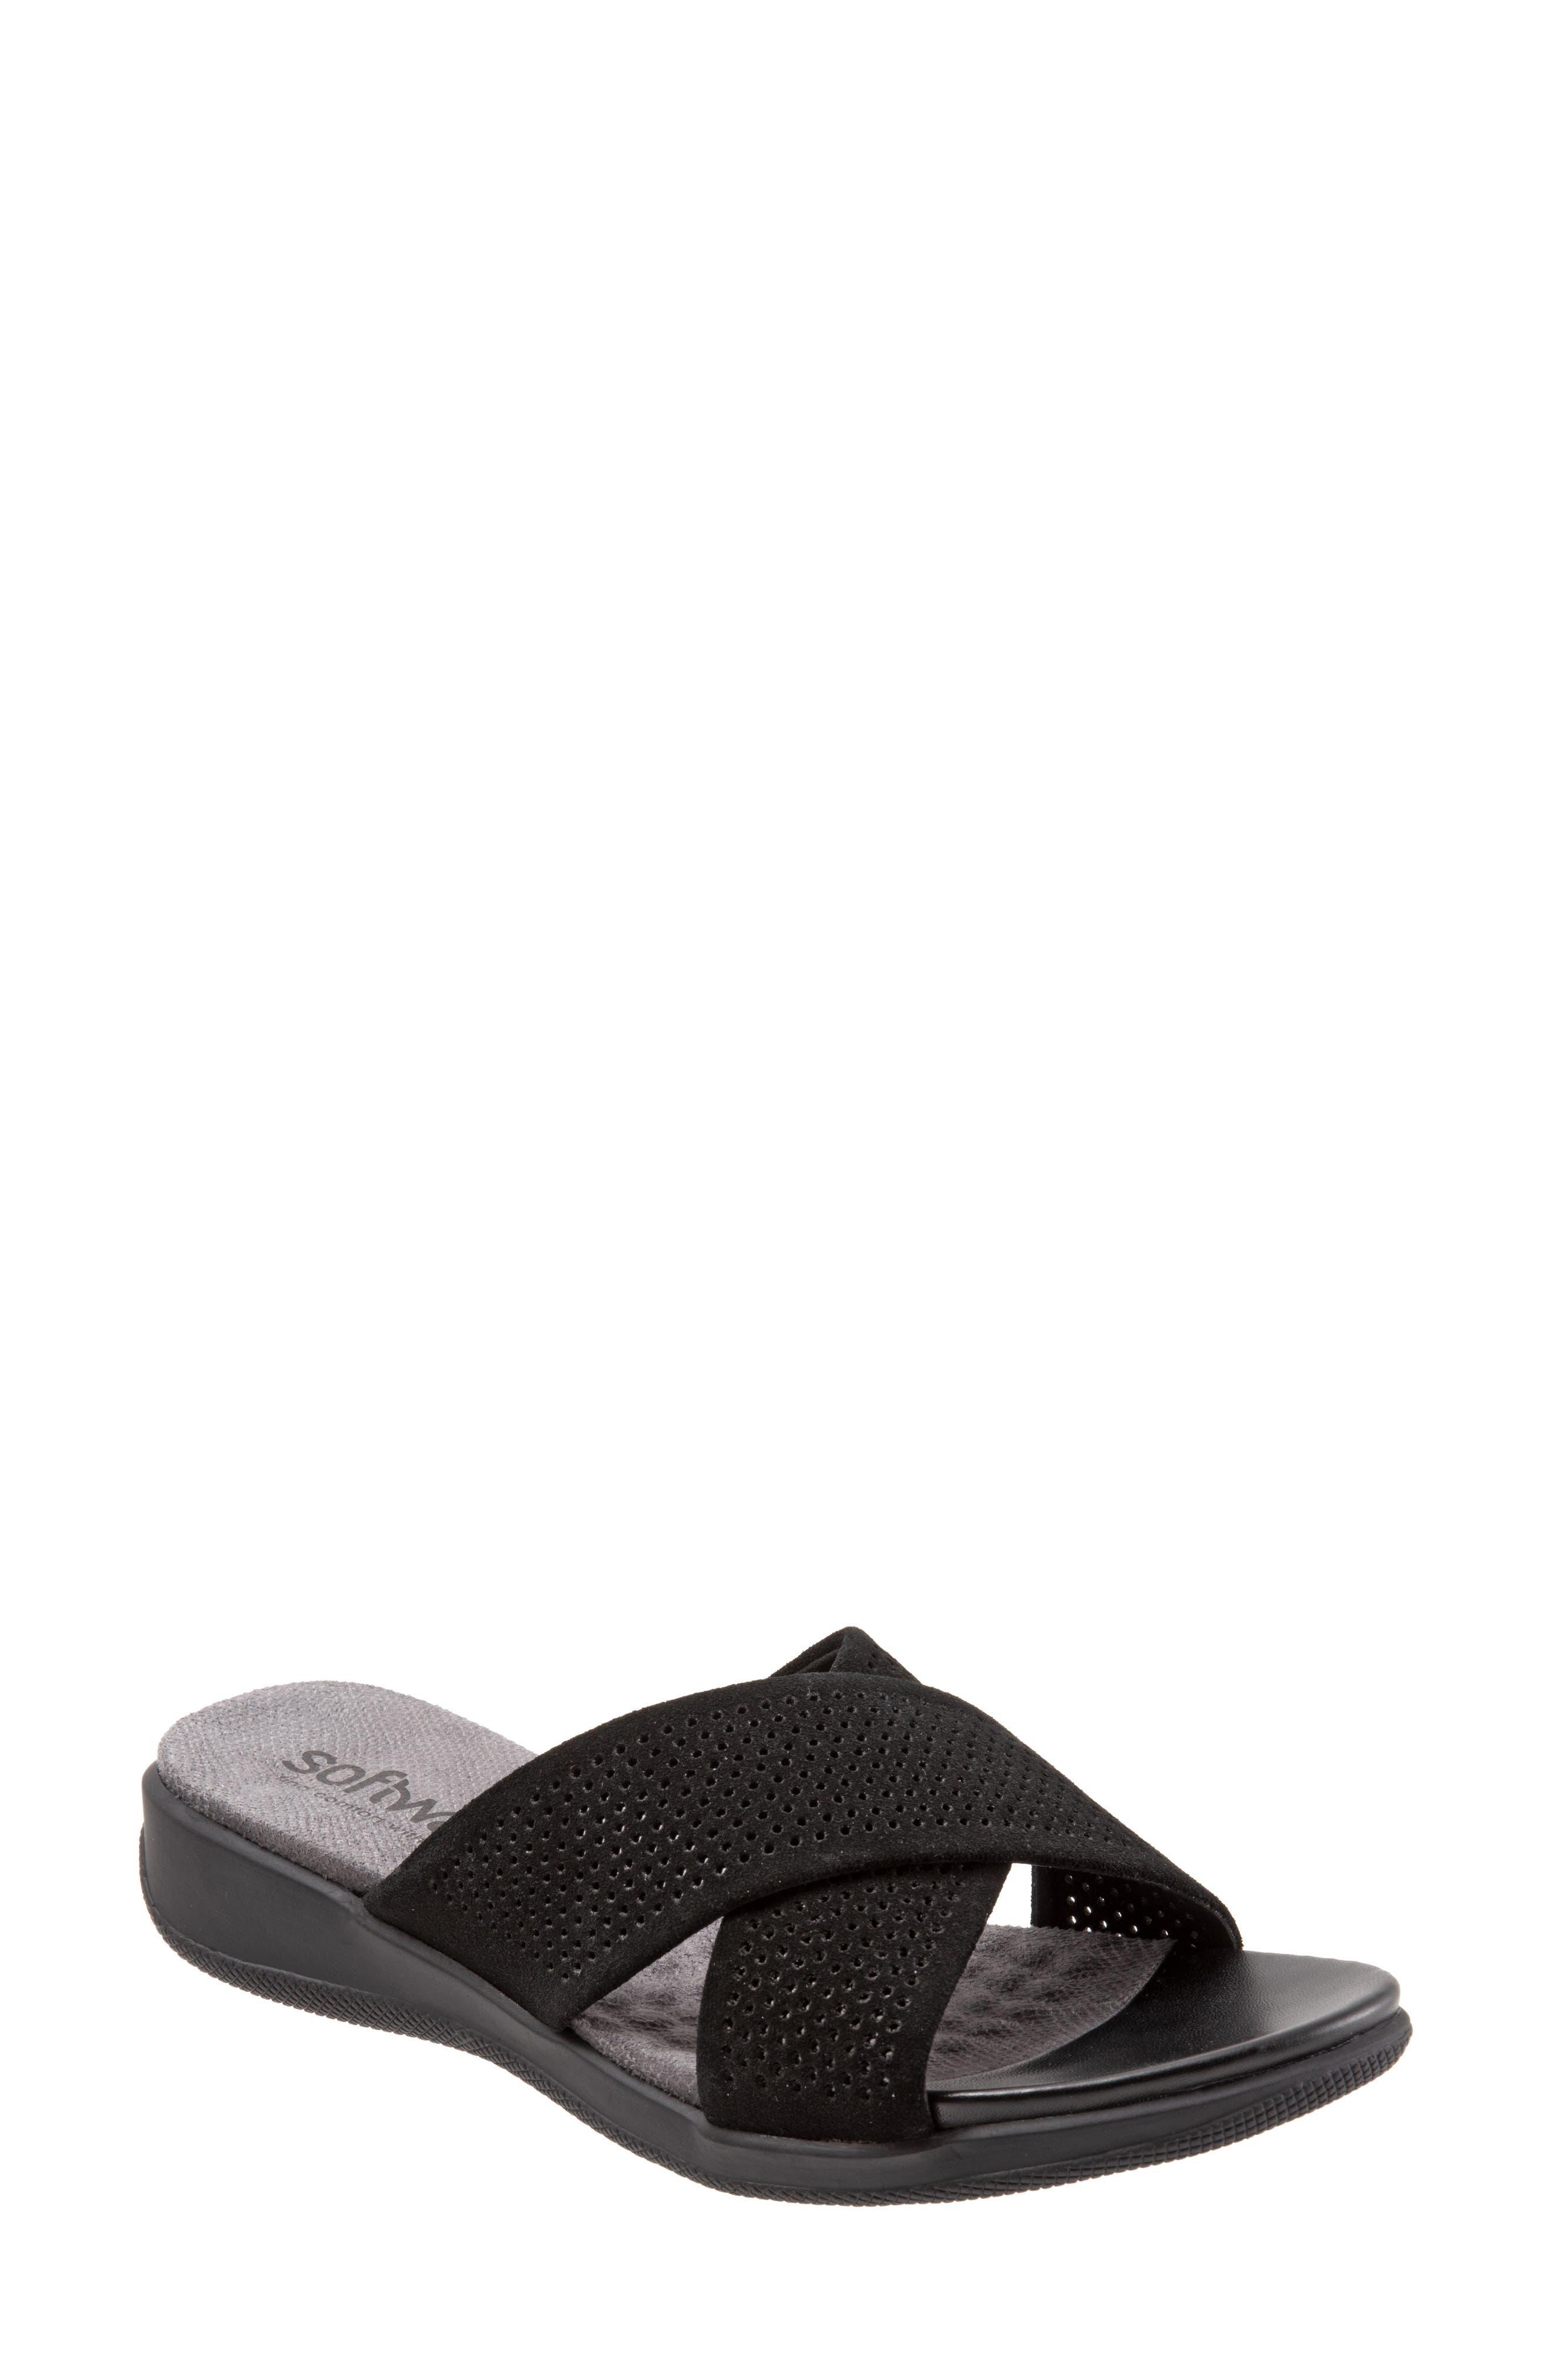 SOFTWALK<SUP>®</SUP> 'Tillman' Leather Cross Strap Slide Sandal, Main, color, 002